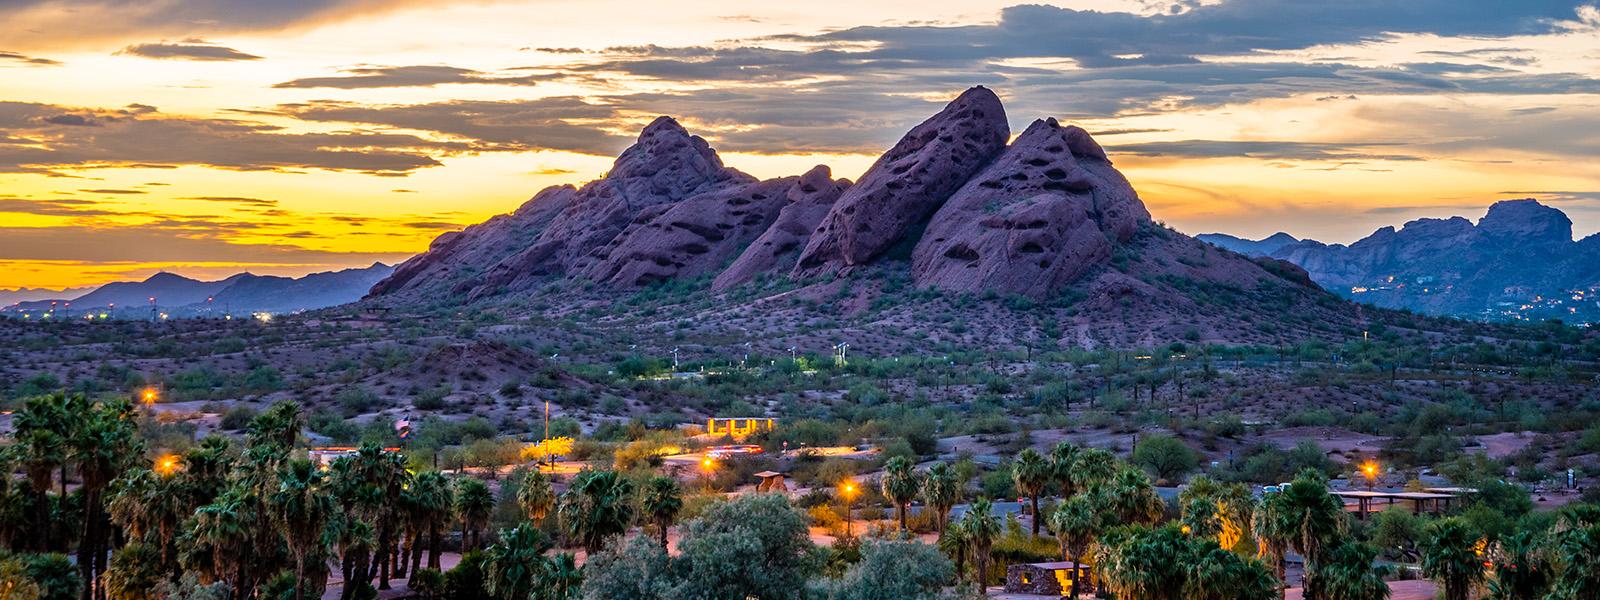 Phoenix desert skyline